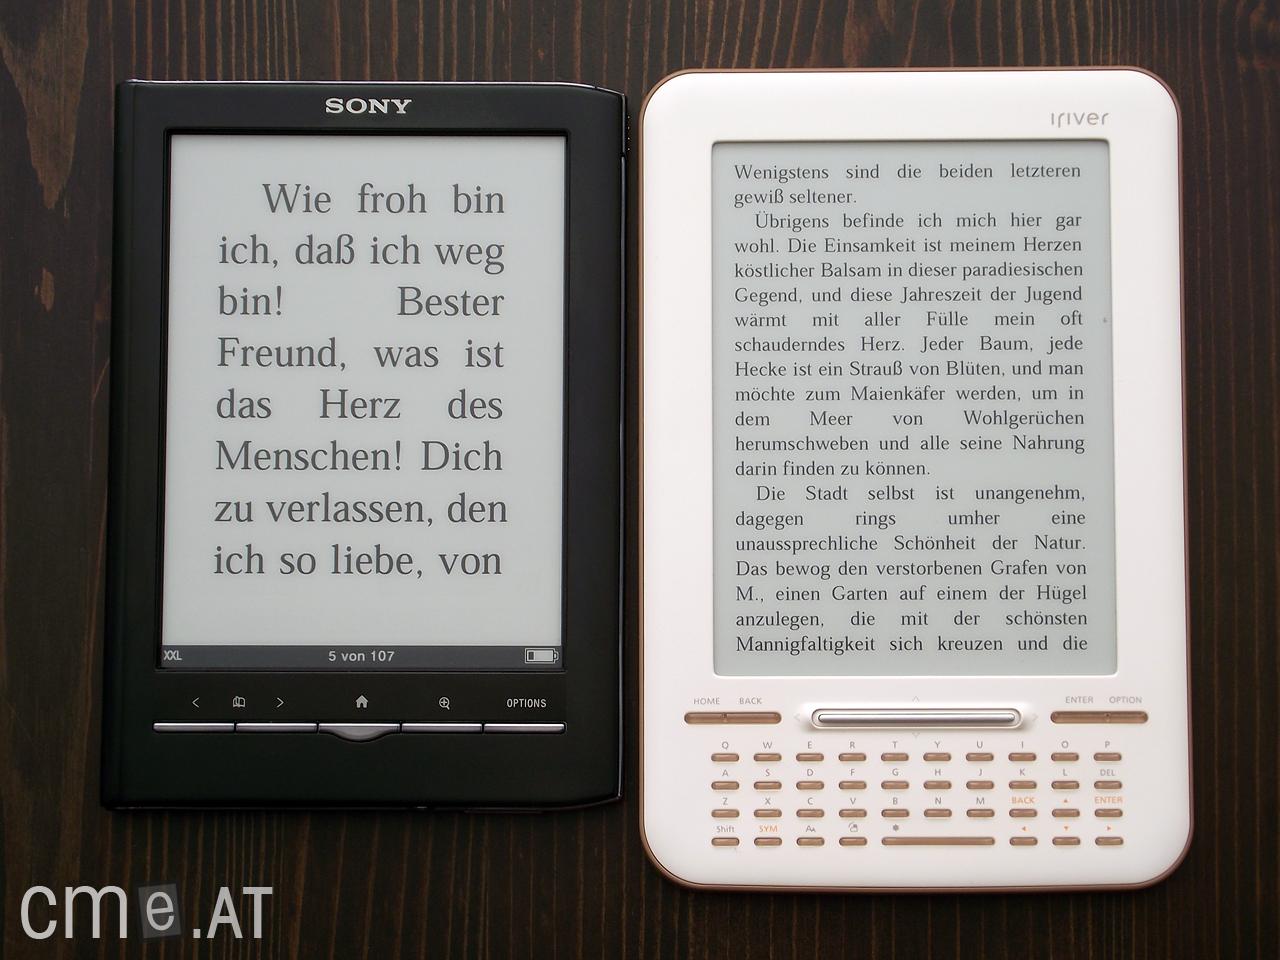 Sony Ebook Er Inhalte- Fehlgeschlagen